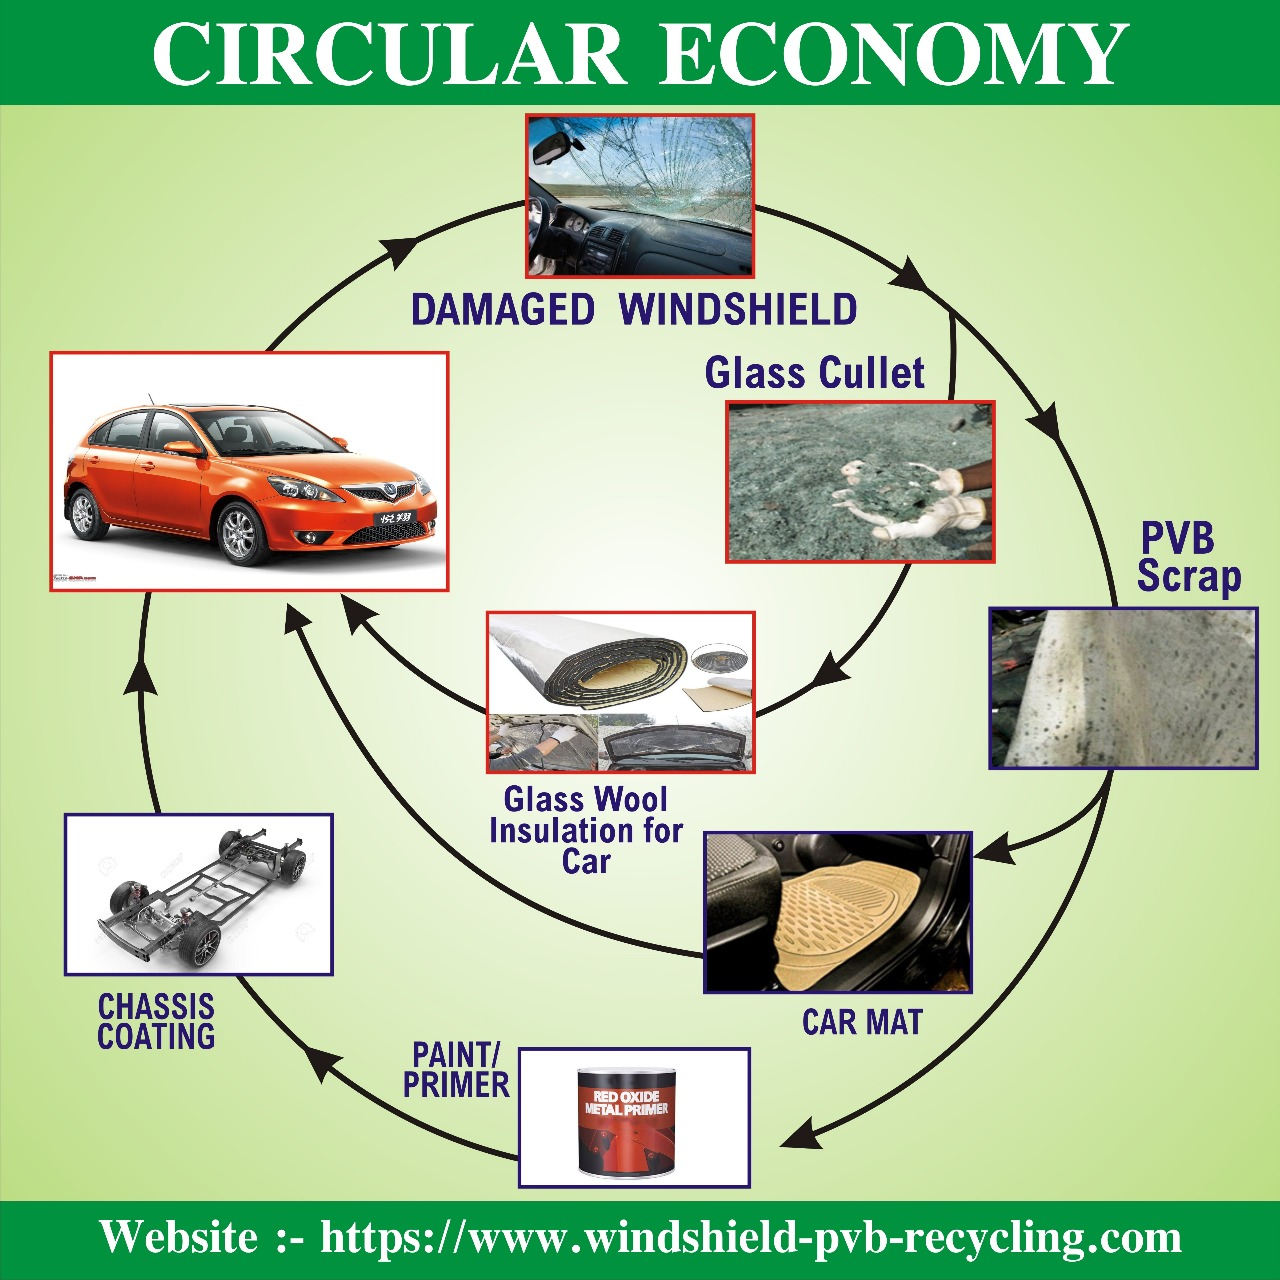 Windshield PVB Recycling